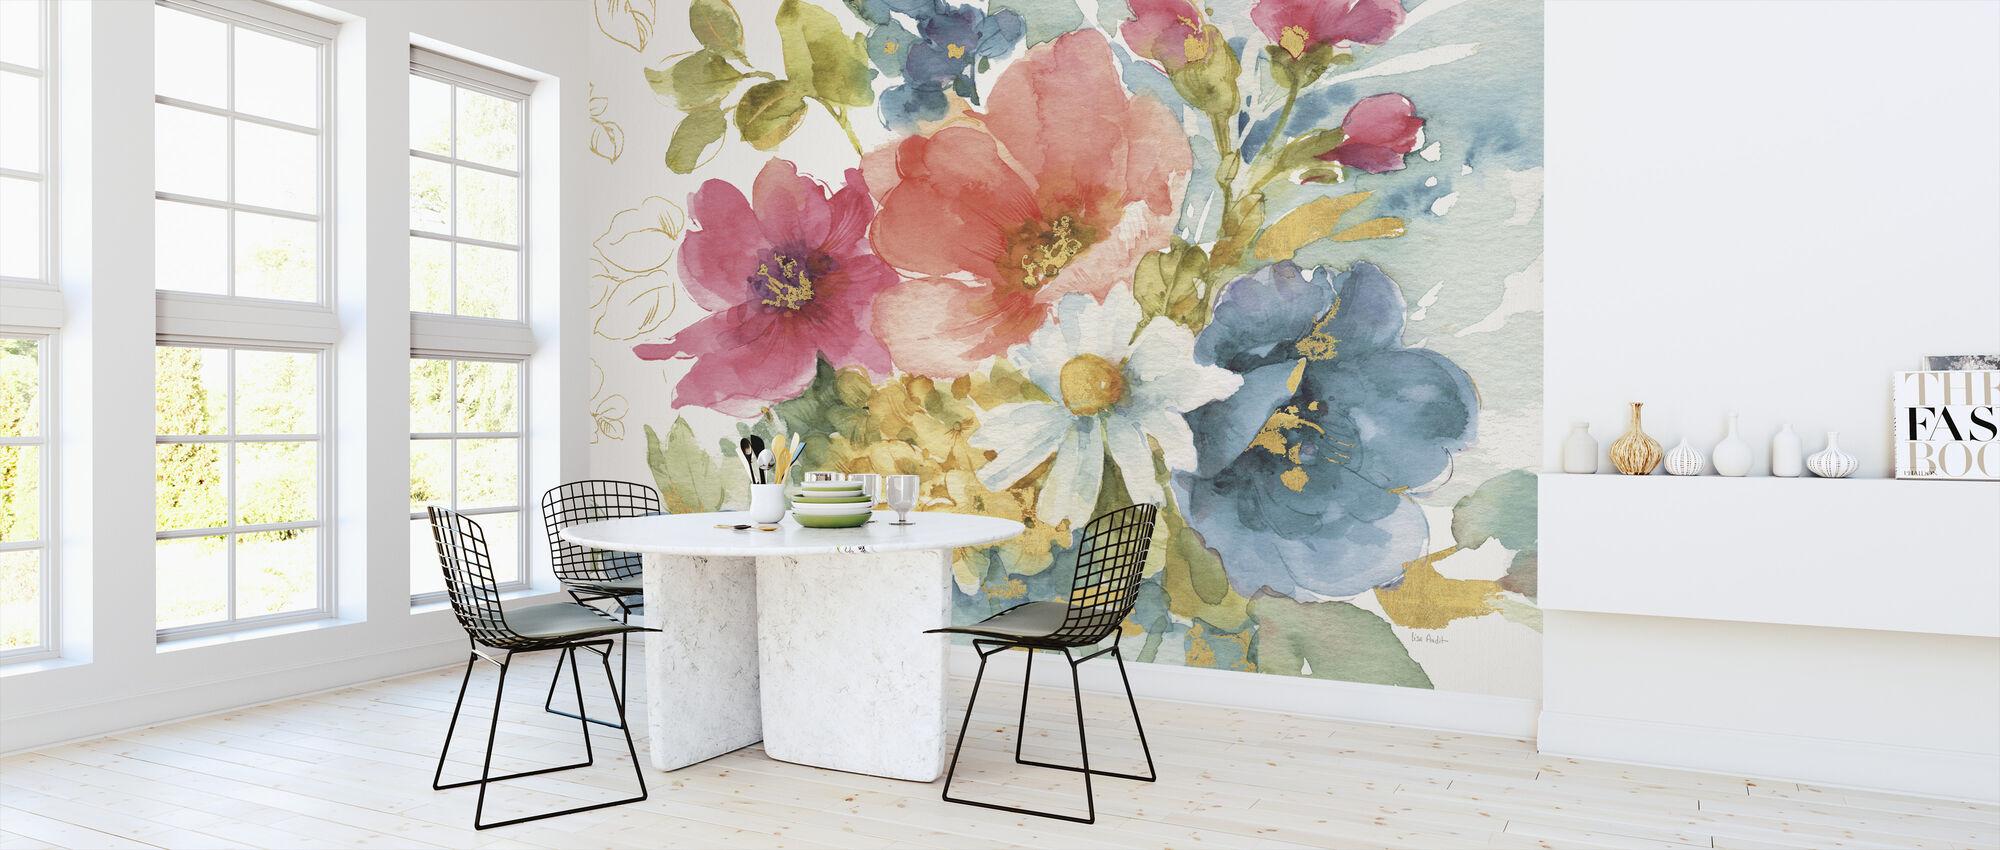 My Garden Bouquet I - Wallpaper - Kitchen